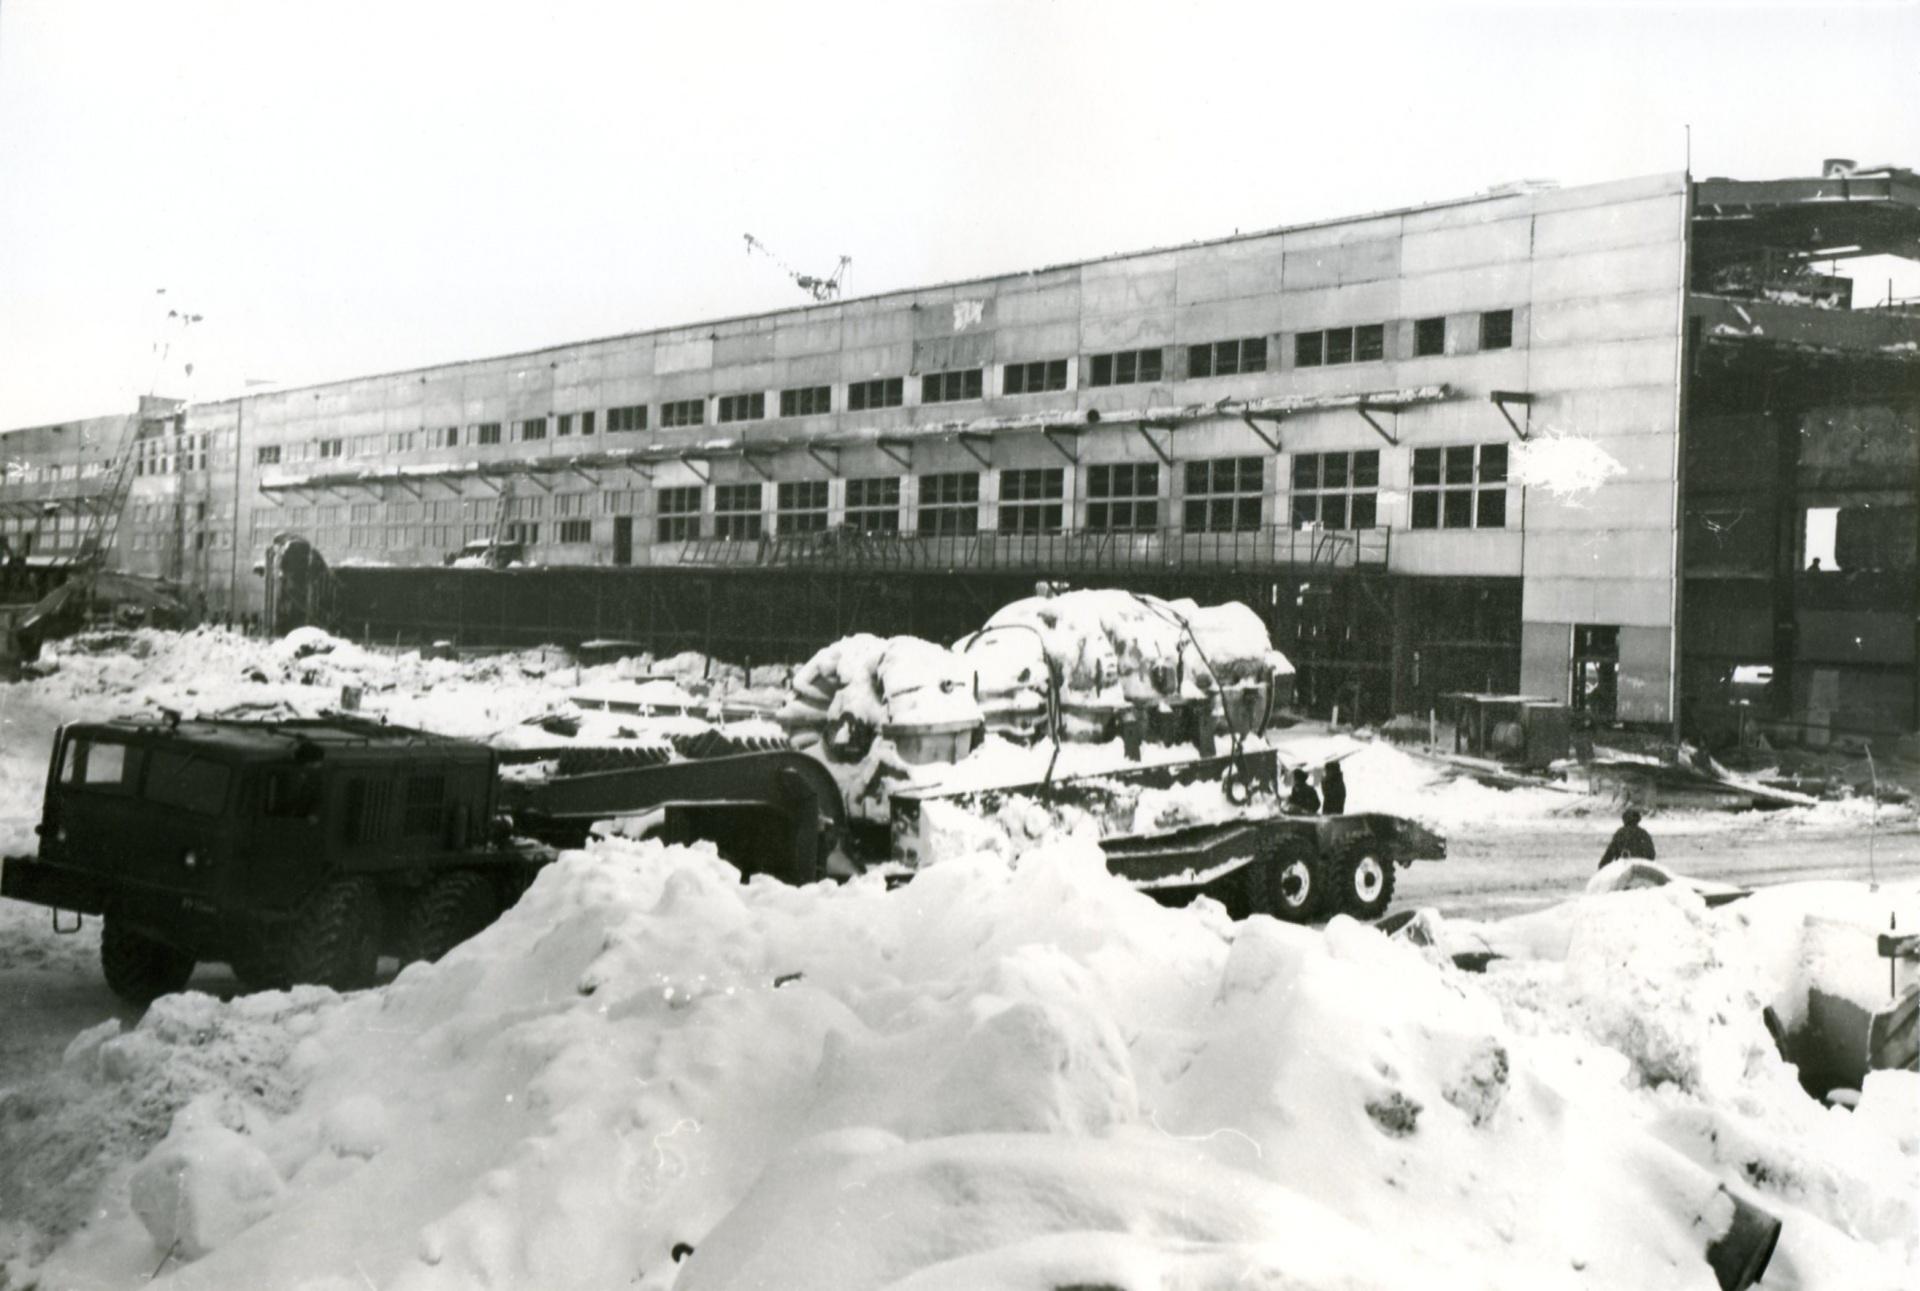 Zavoz-turbiny-dlya-KZ-2-1974-god.jpg